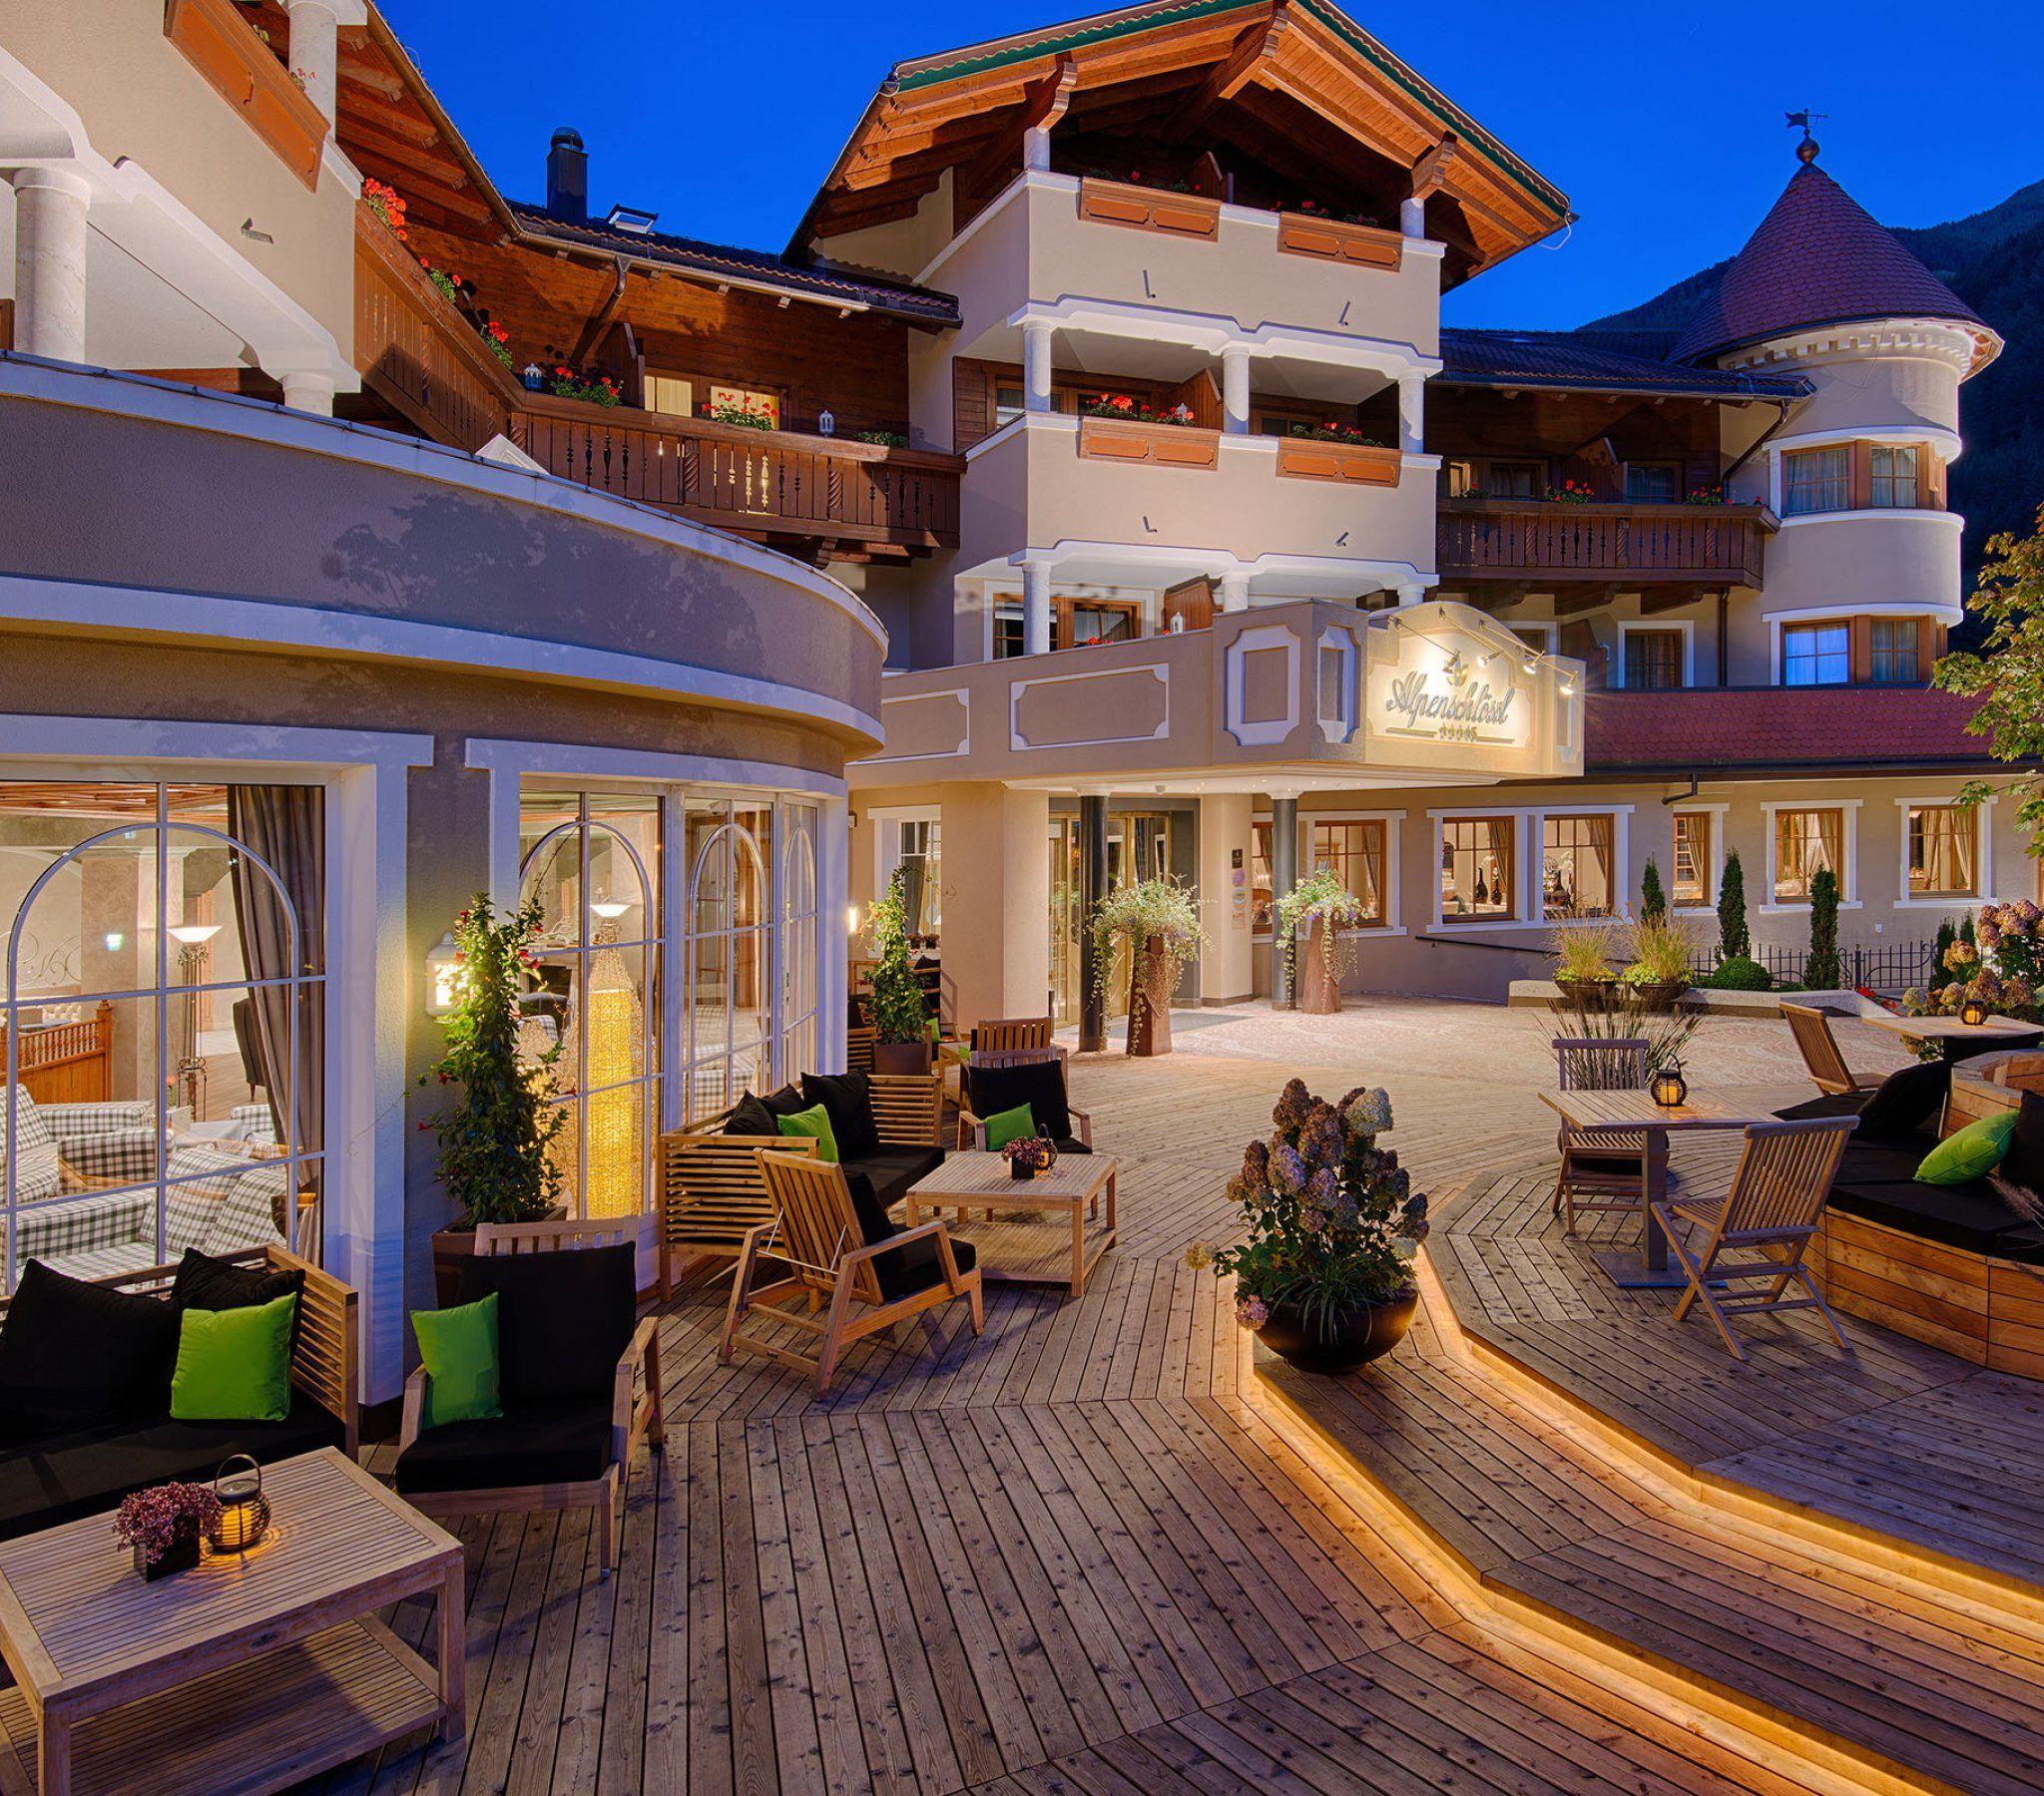 Hotel benessere trentino alto adige alpenschl ssl for Design hotel alto adige